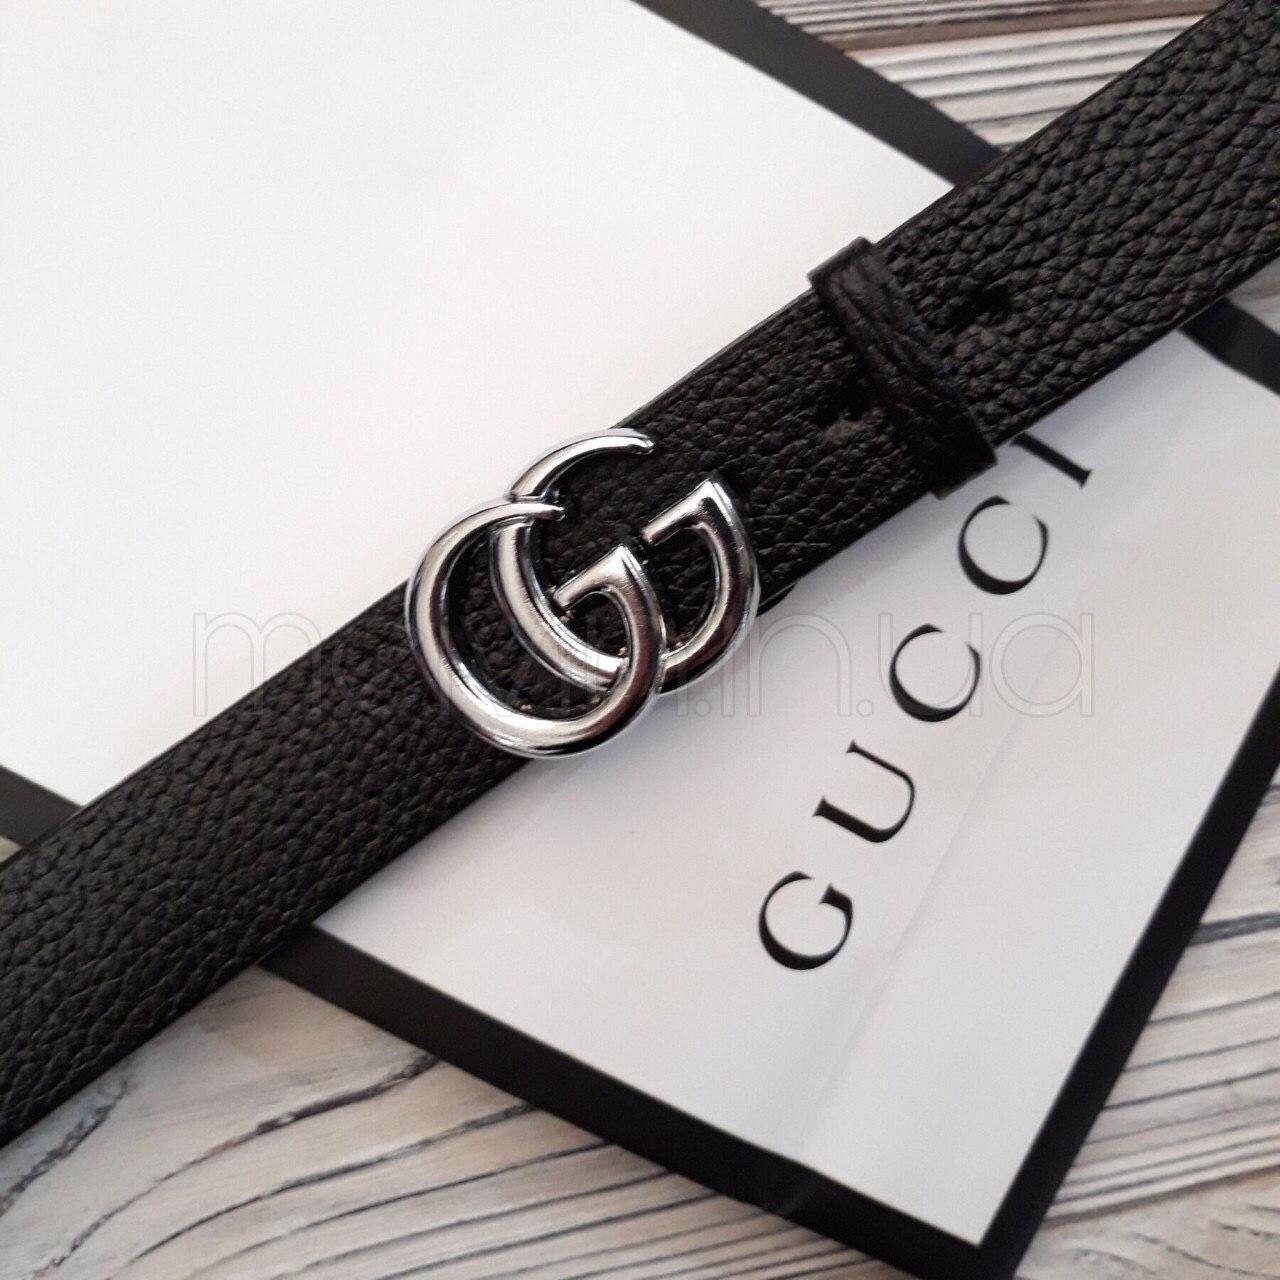 Женский кожаный ремень Gucci реплика Черный с серебряным логотипом